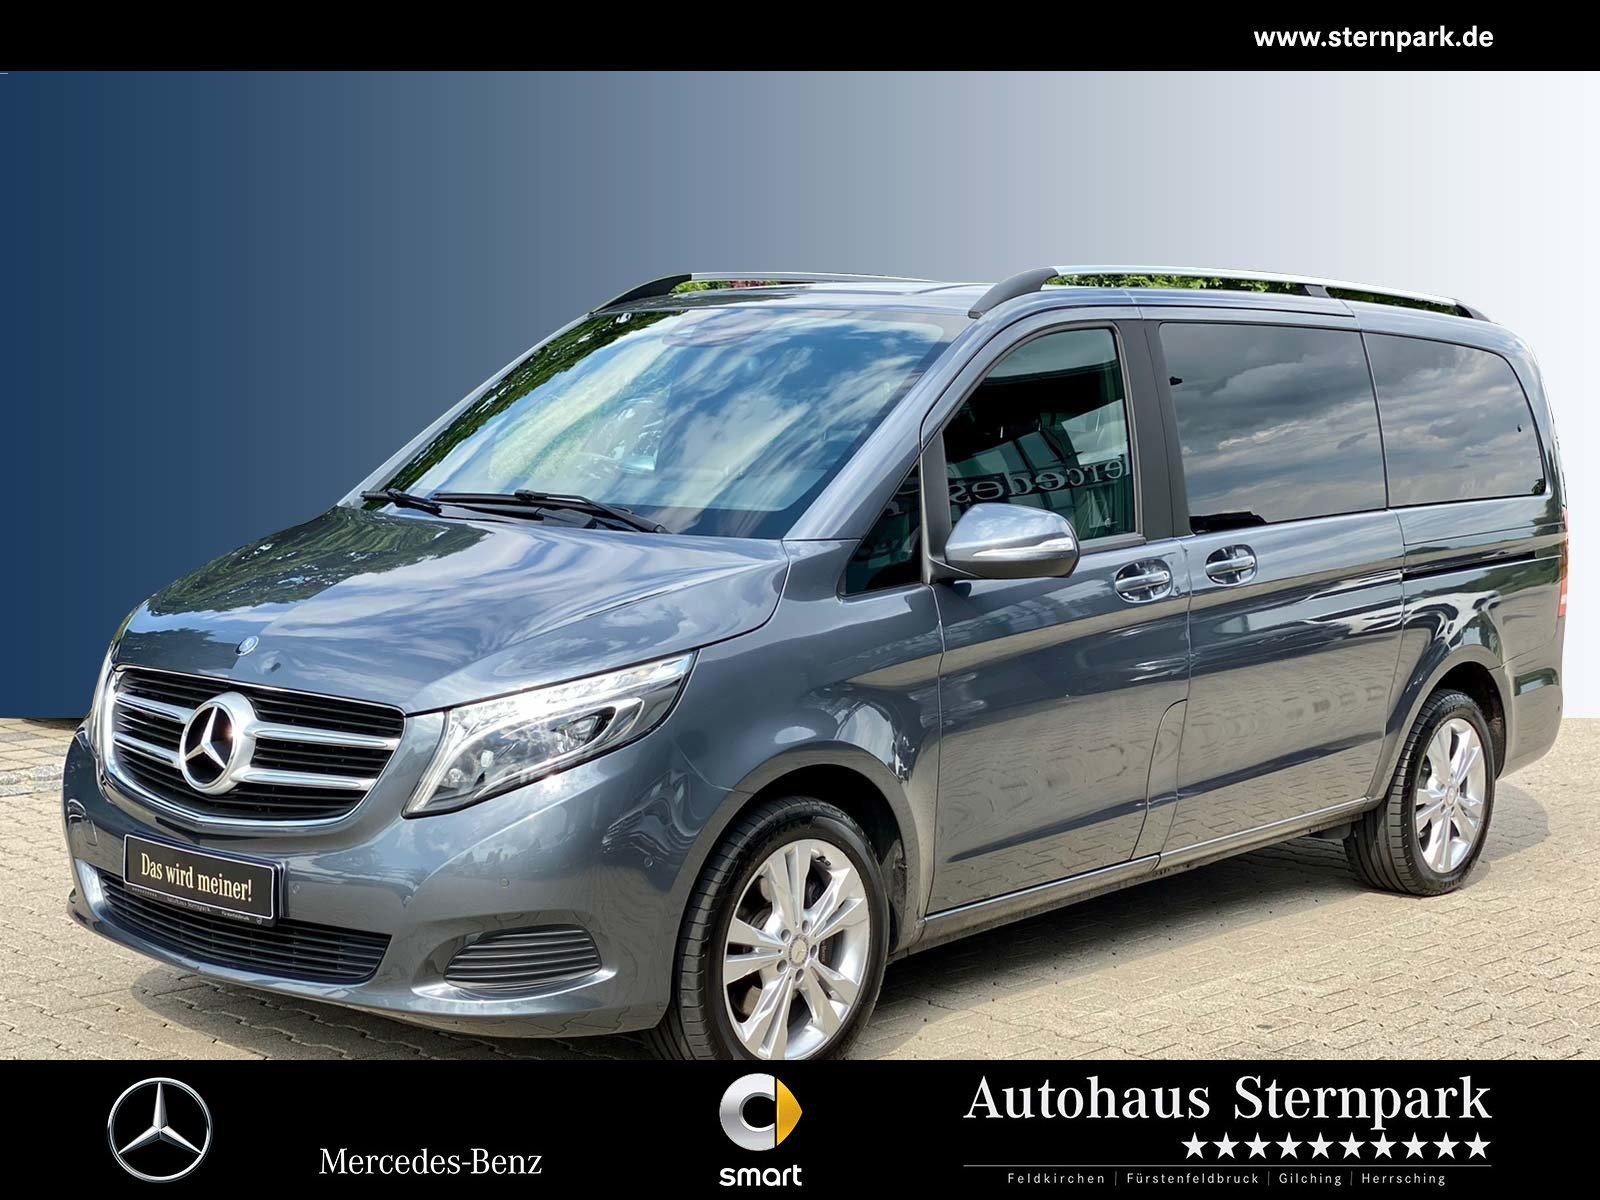 Mercedes-Benz V 250d EDITION Lang 7G/Sport-Paket/Spur/Totw/LED, Jahr 2016, Diesel